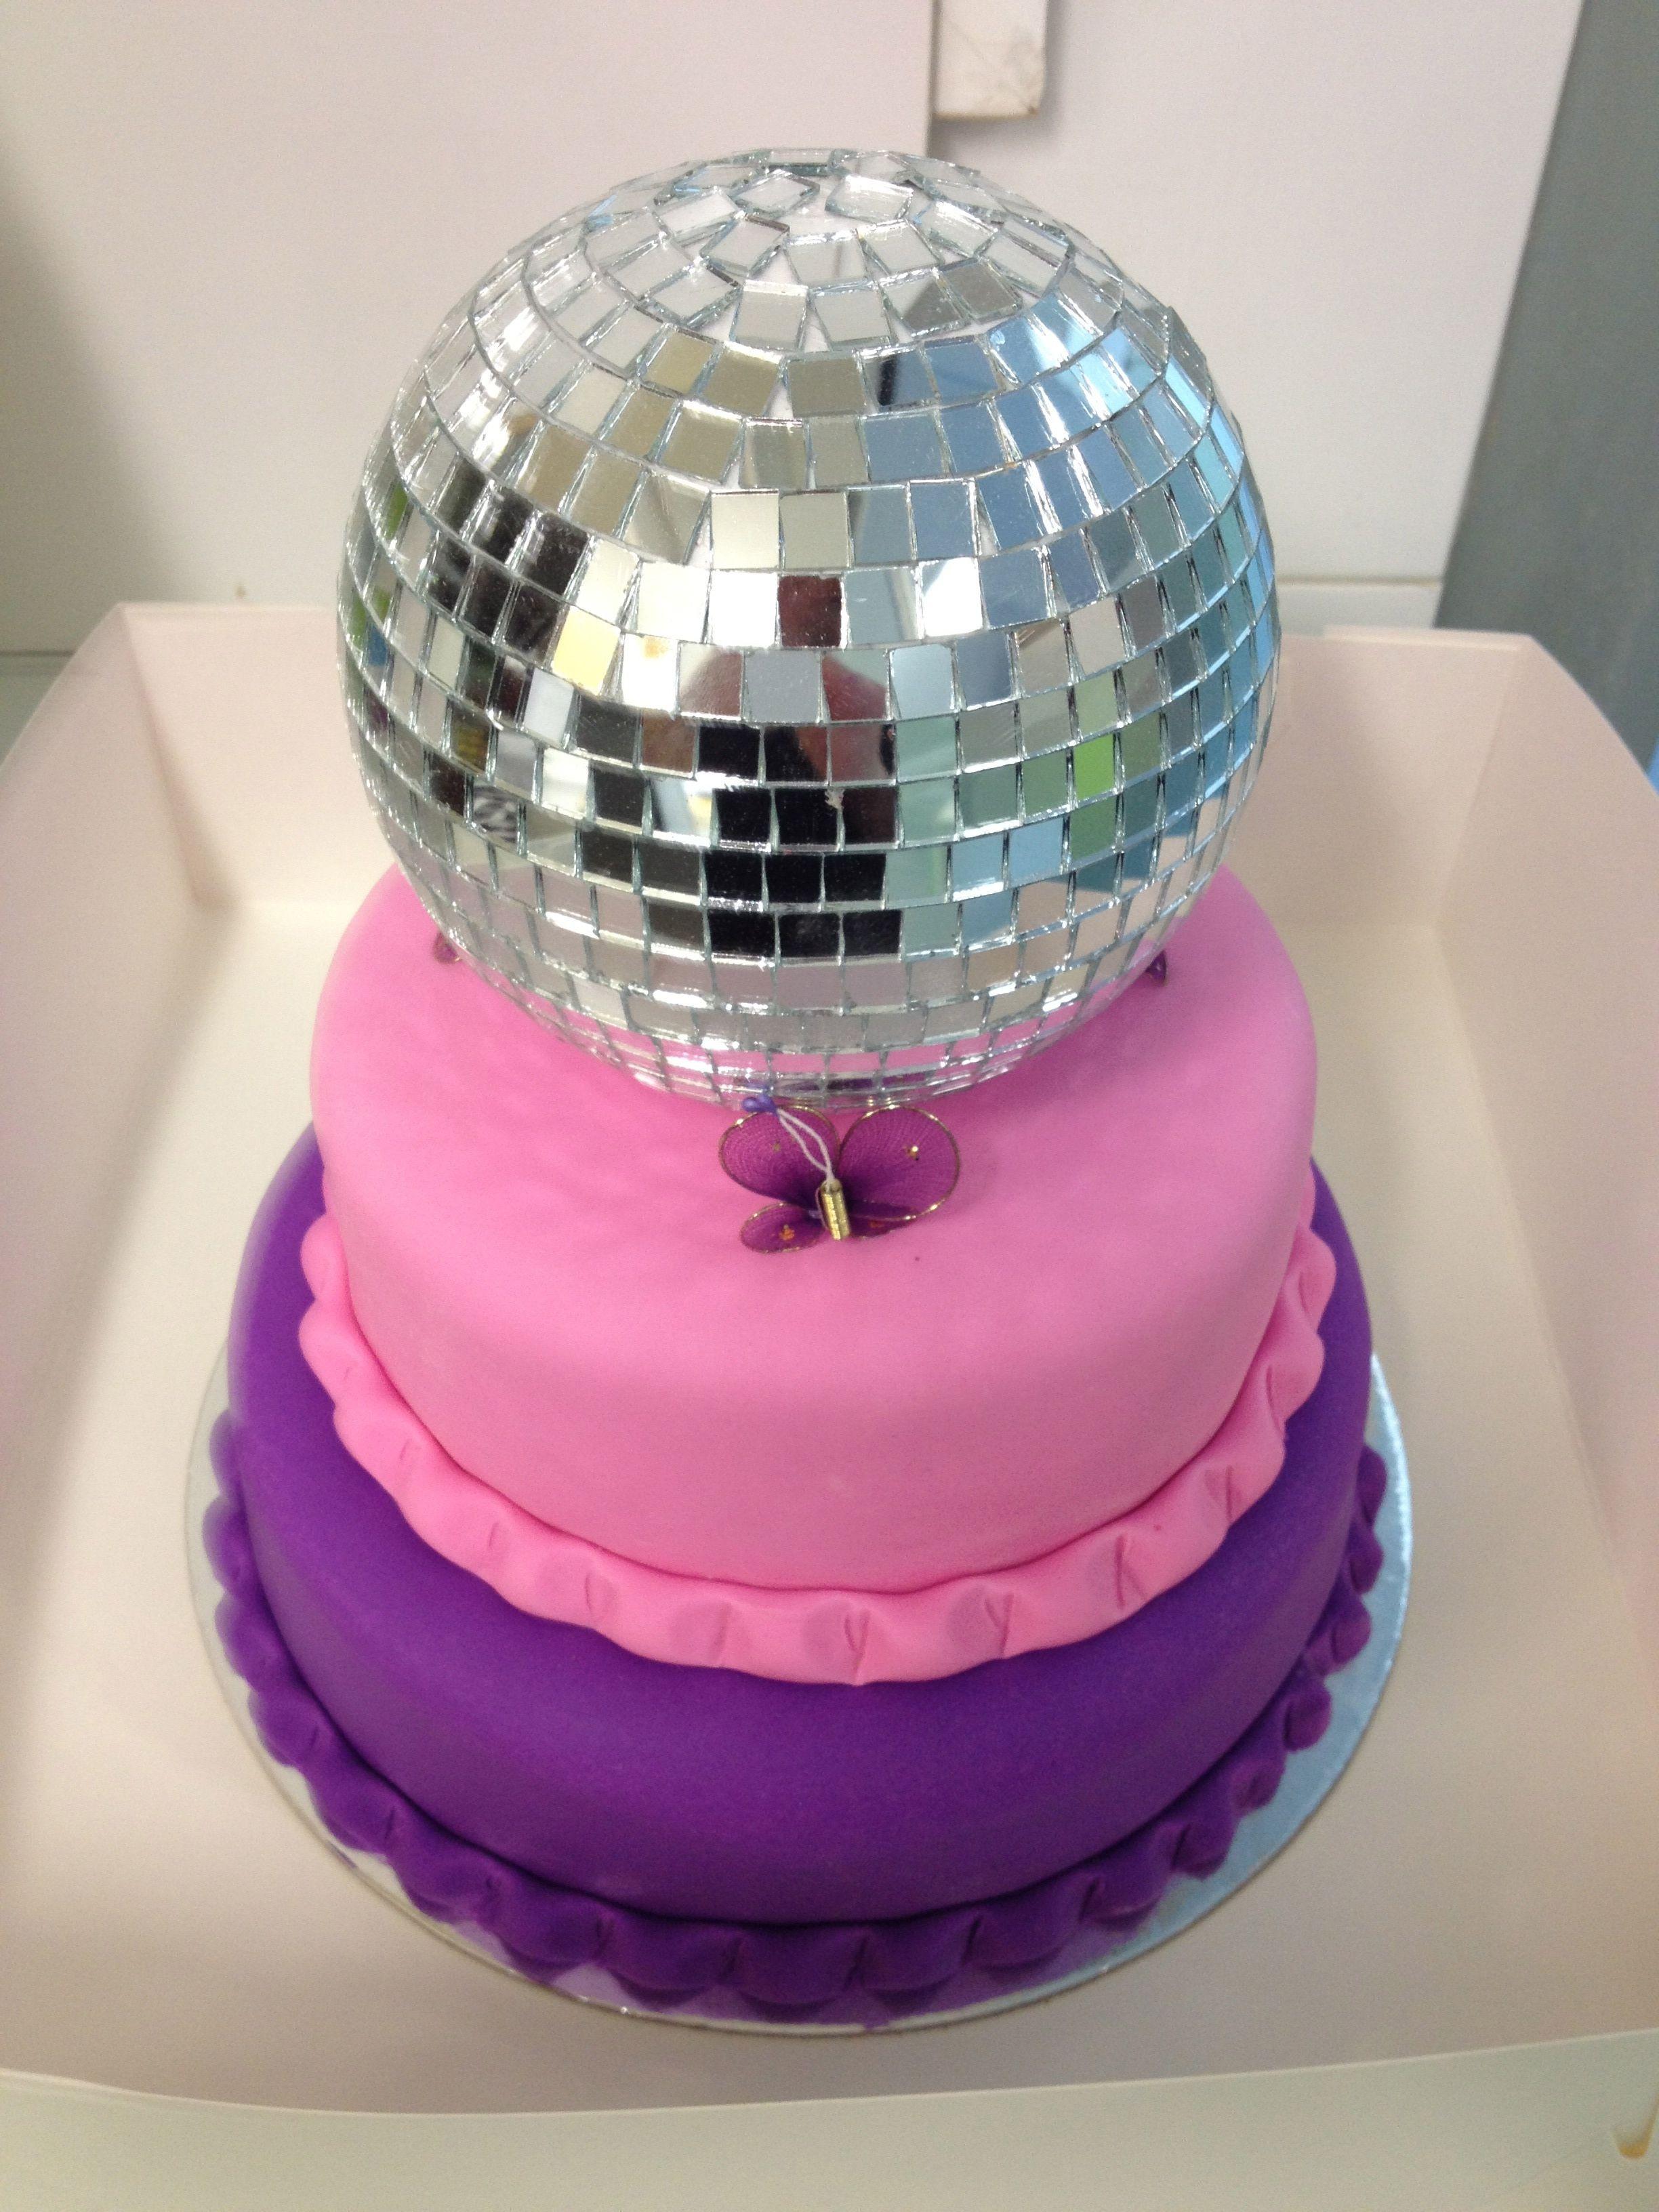 Birthday Cakes Lane Cove